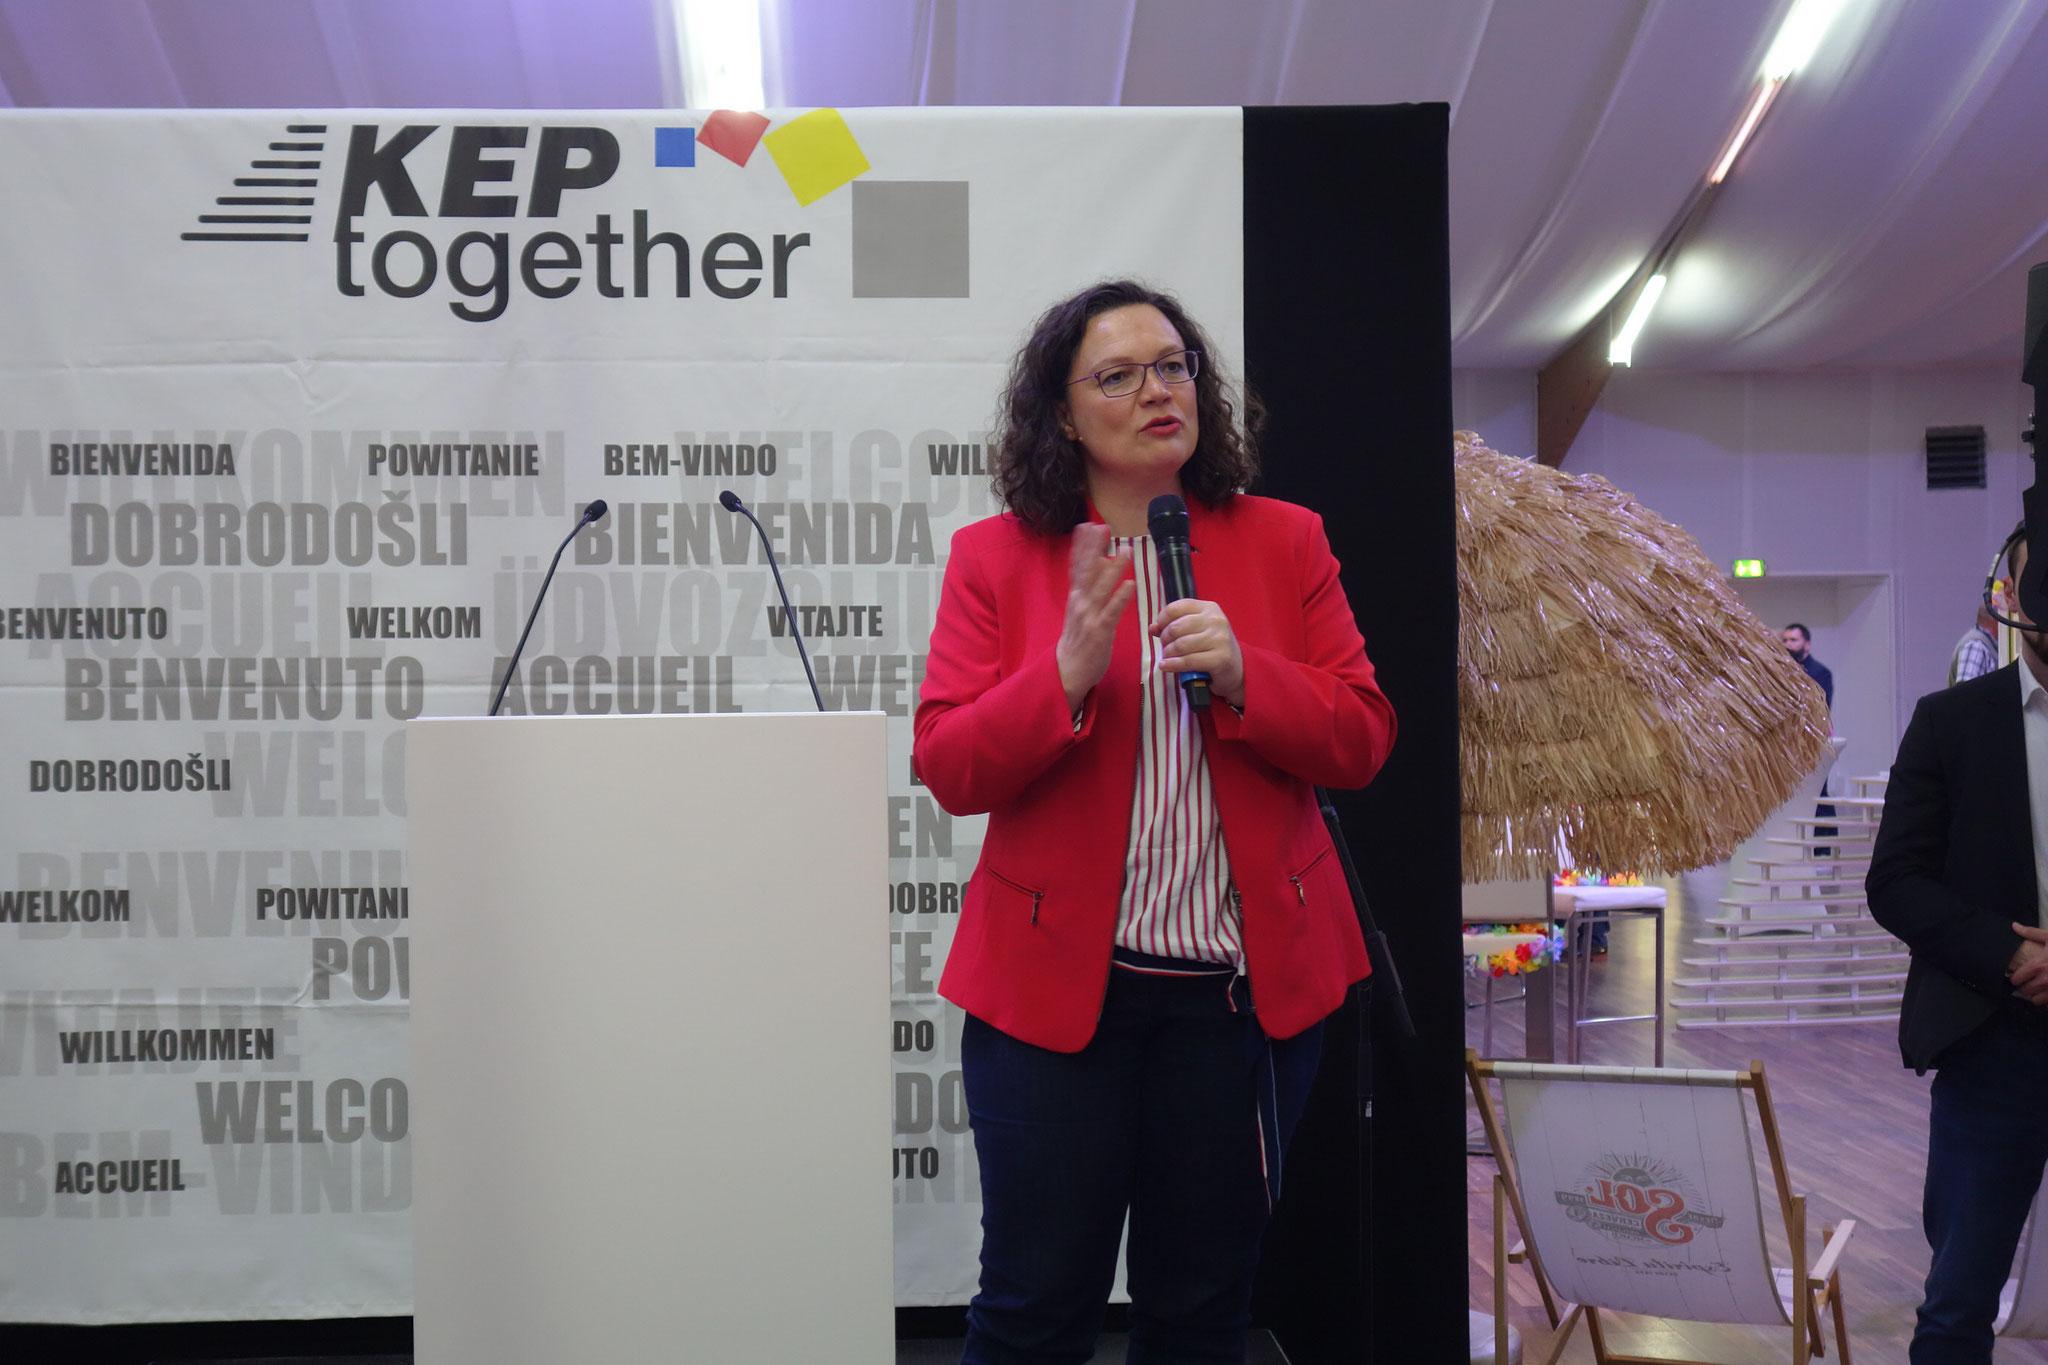 """Ein """"Zwischenruf"""" von Andrea Nahles, Partei- und Fraktionsvorsitzende der SPD, beendete die 2-tägige Veranstaltung."""